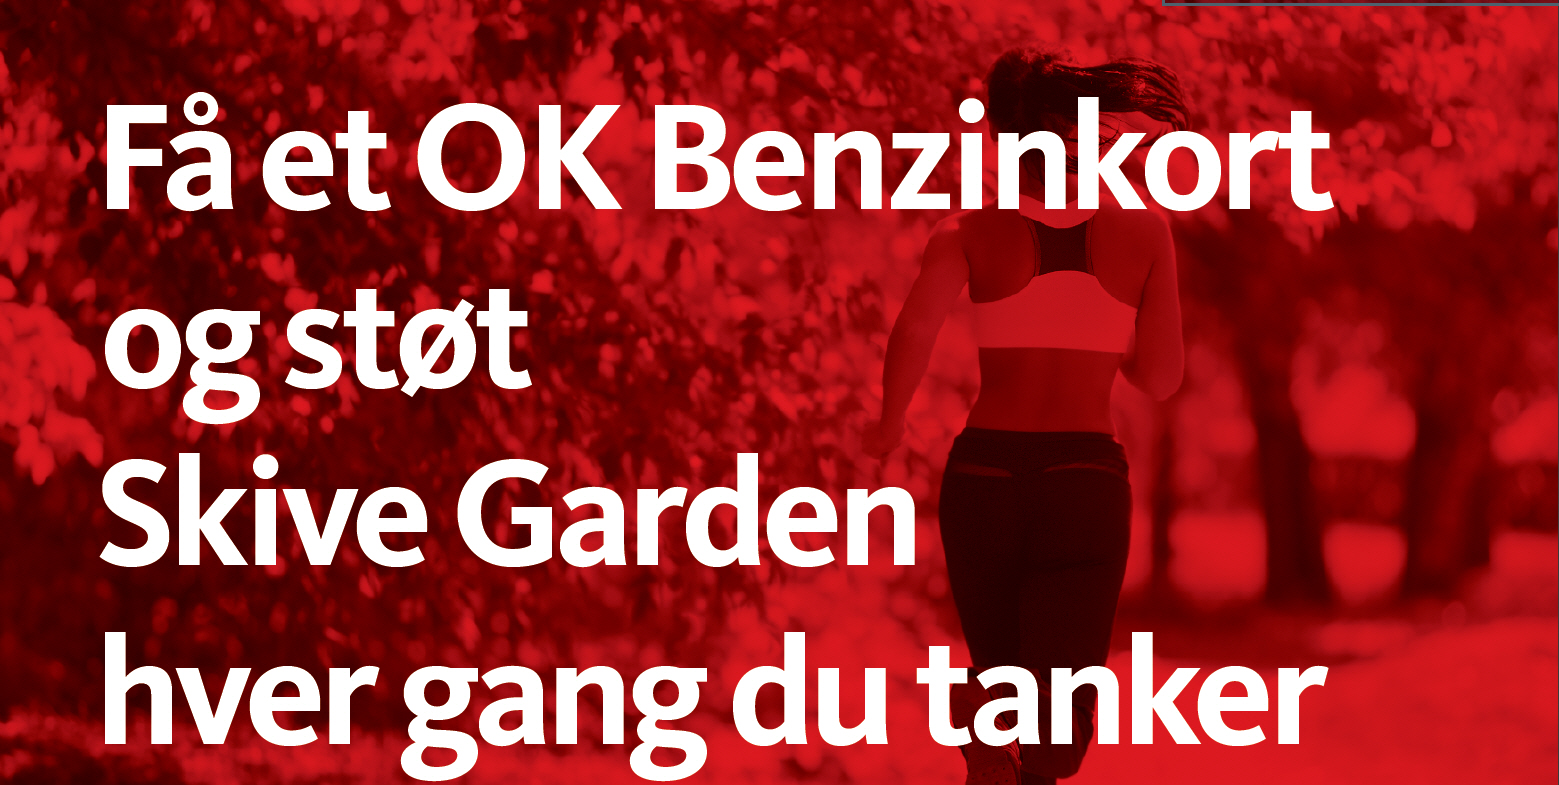 Støt Skive Garden, hver gang du tanker